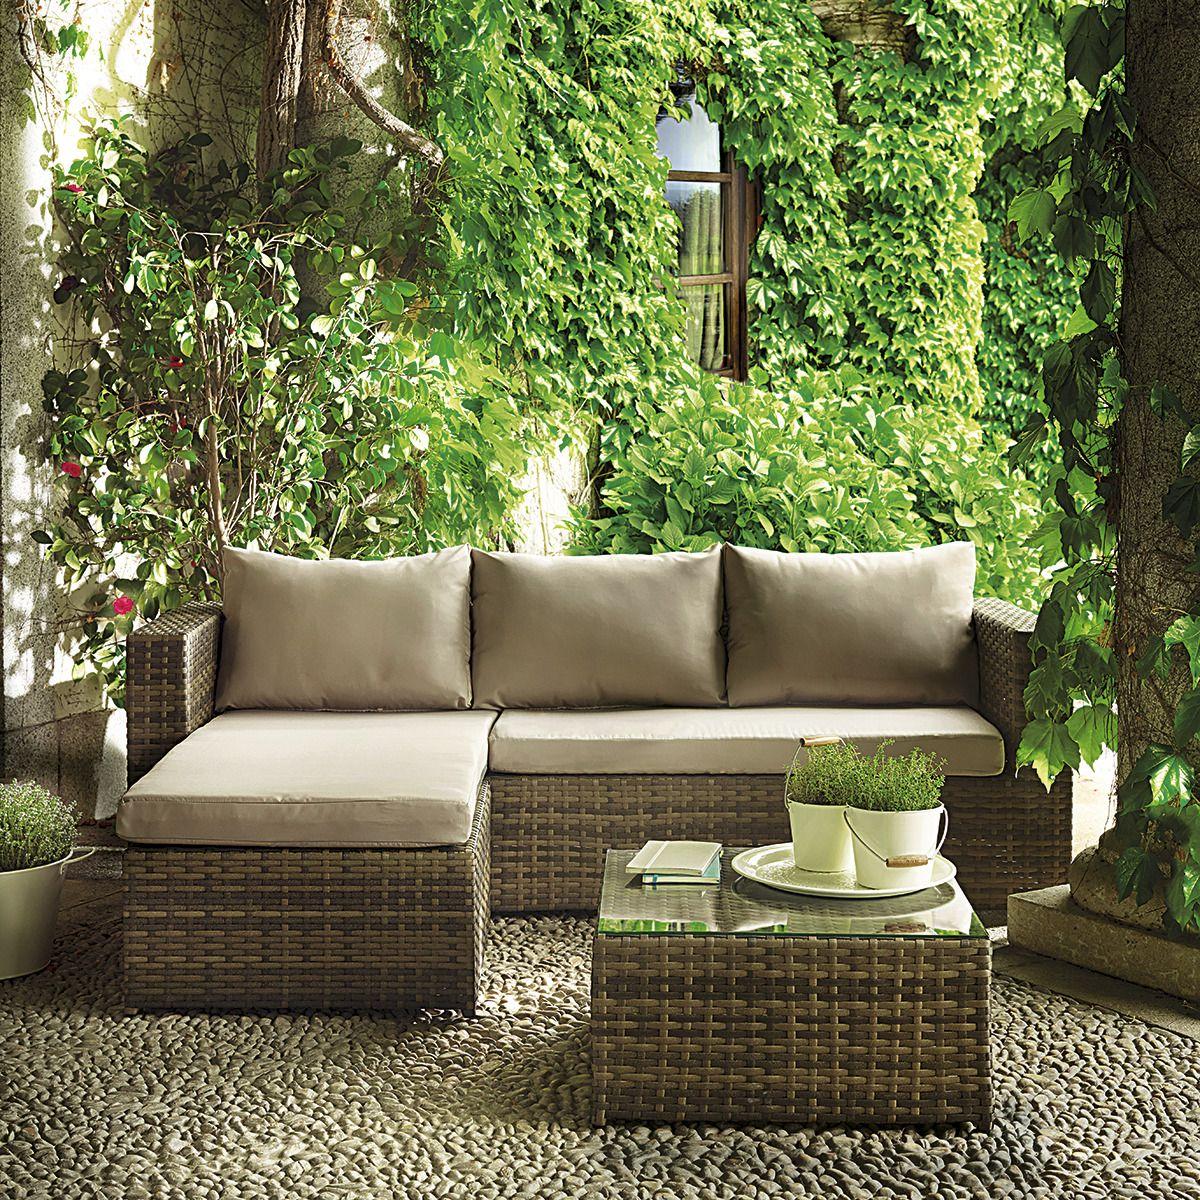 Conjunto de jardín New Calypso: 1 sofá 3 plazas + 1 taburete + 1 ...